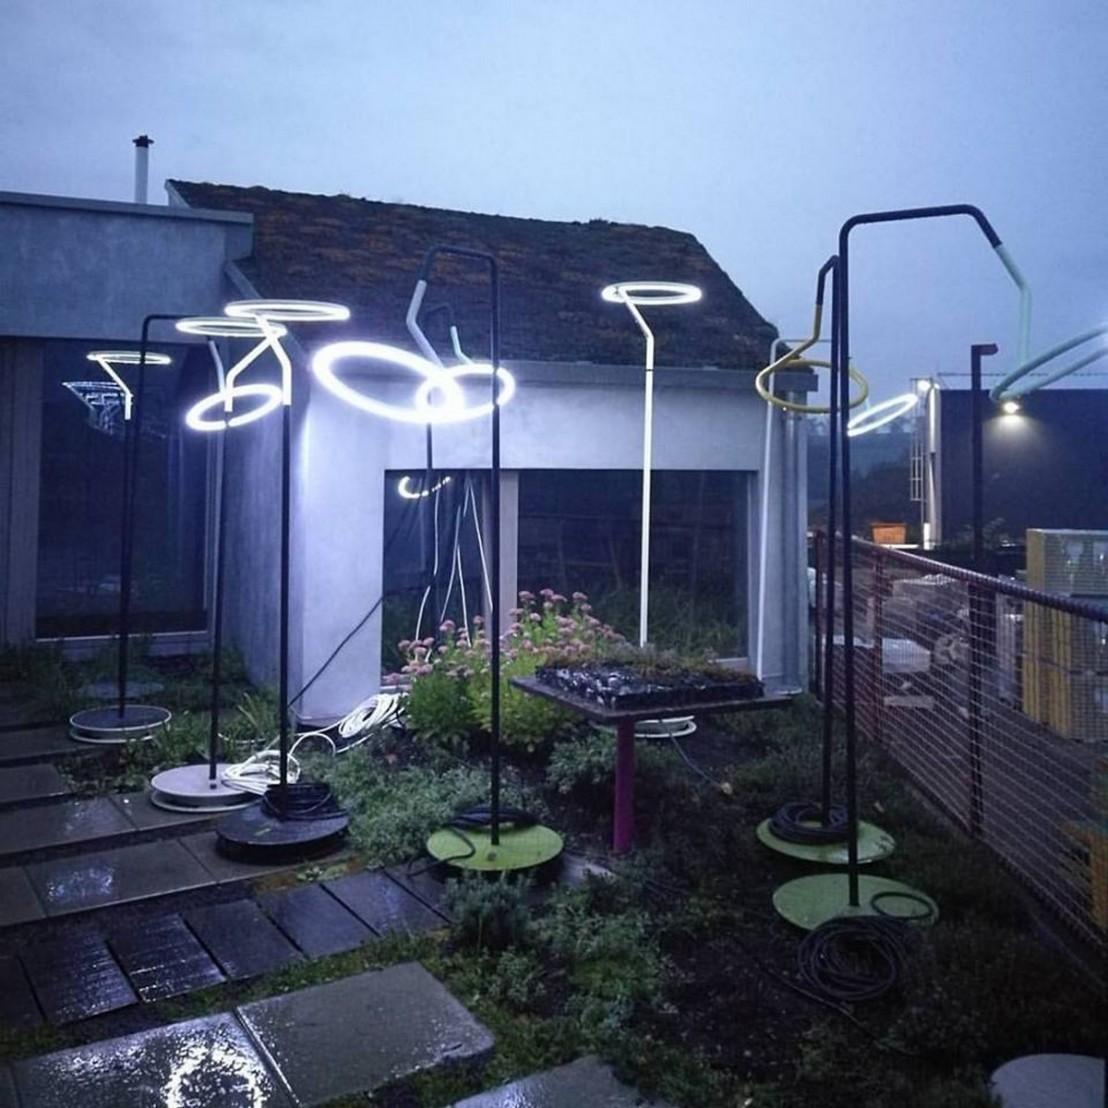 lampadaire design courb led laso pour clairage ext rieur en m tal acier et aluminium de. Black Bedroom Furniture Sets. Home Design Ideas